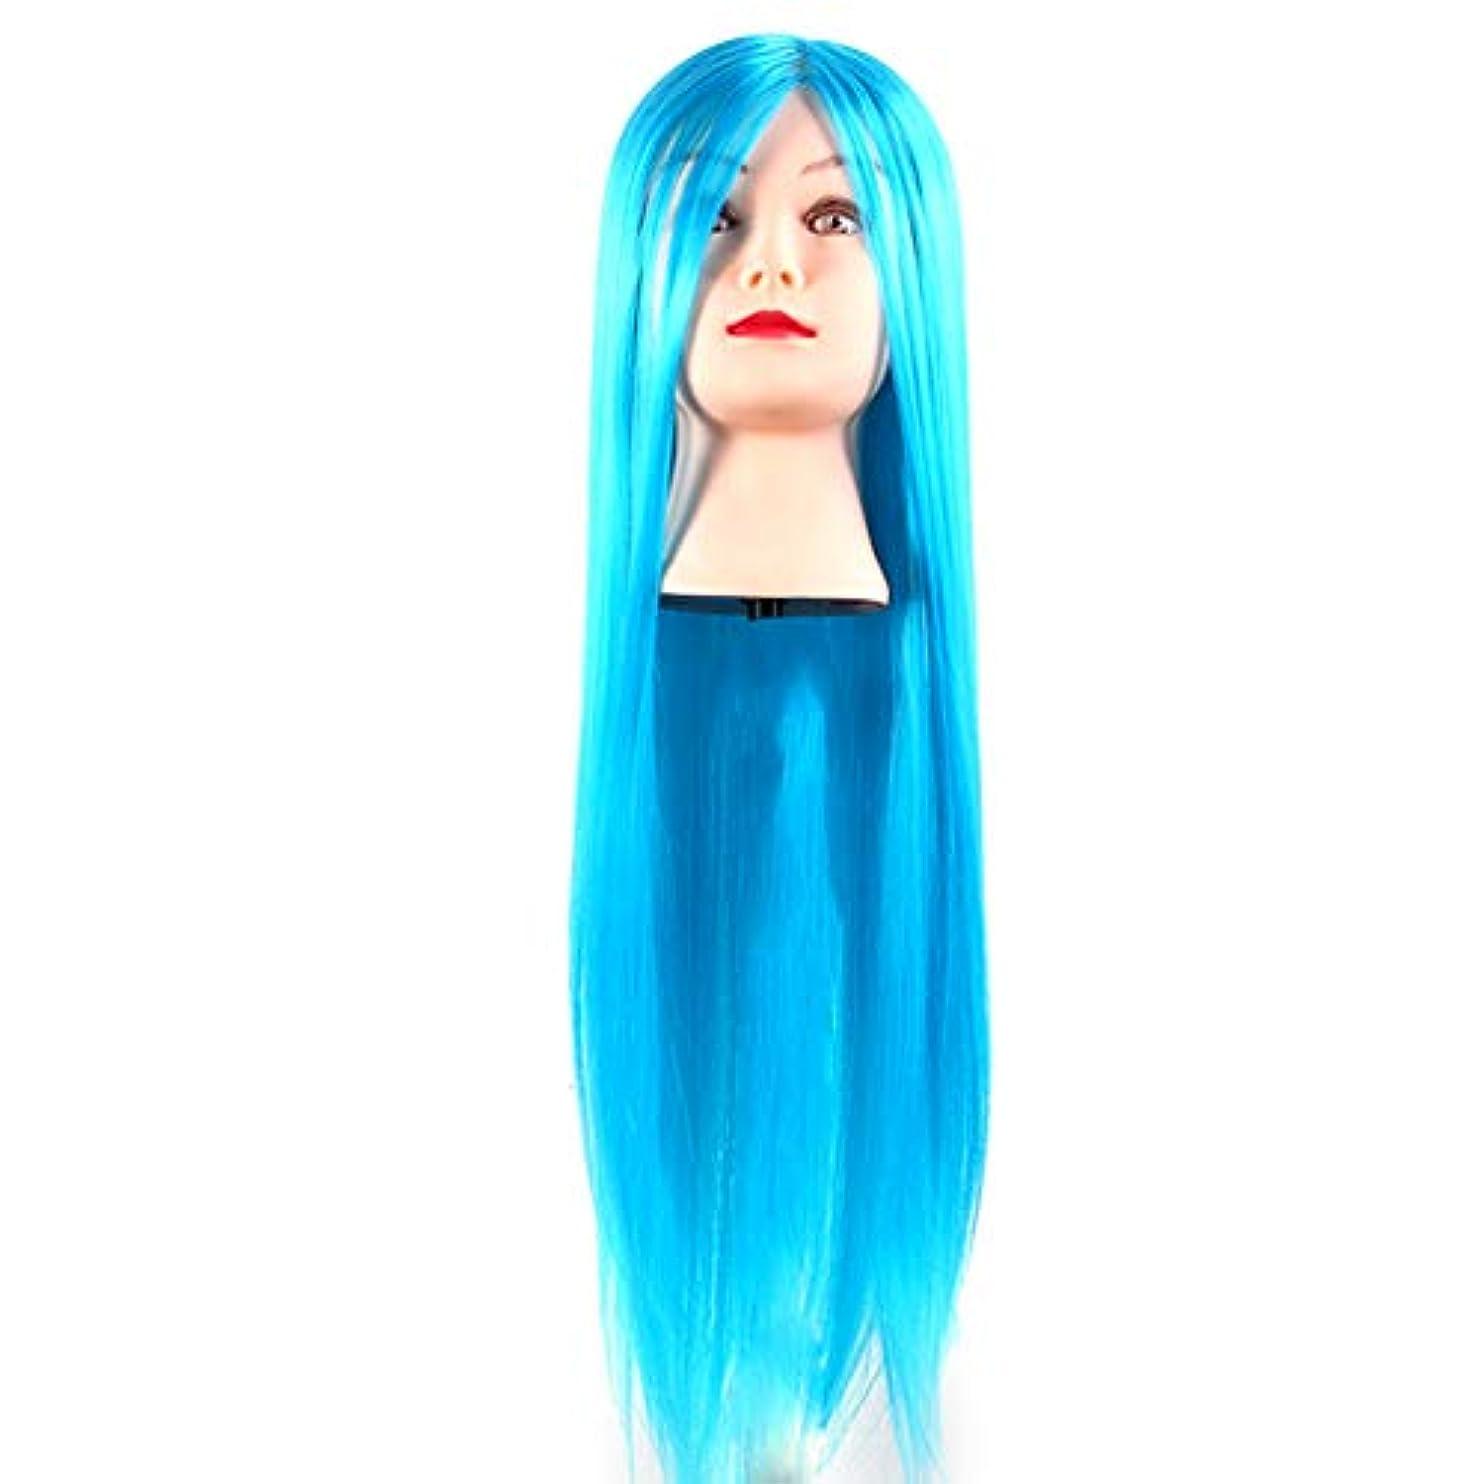 階価値暖かくサロン散髪練習ヘッドモデルメイク学校編組髪開発学習モデルヘッドヘアストレートロングかつら